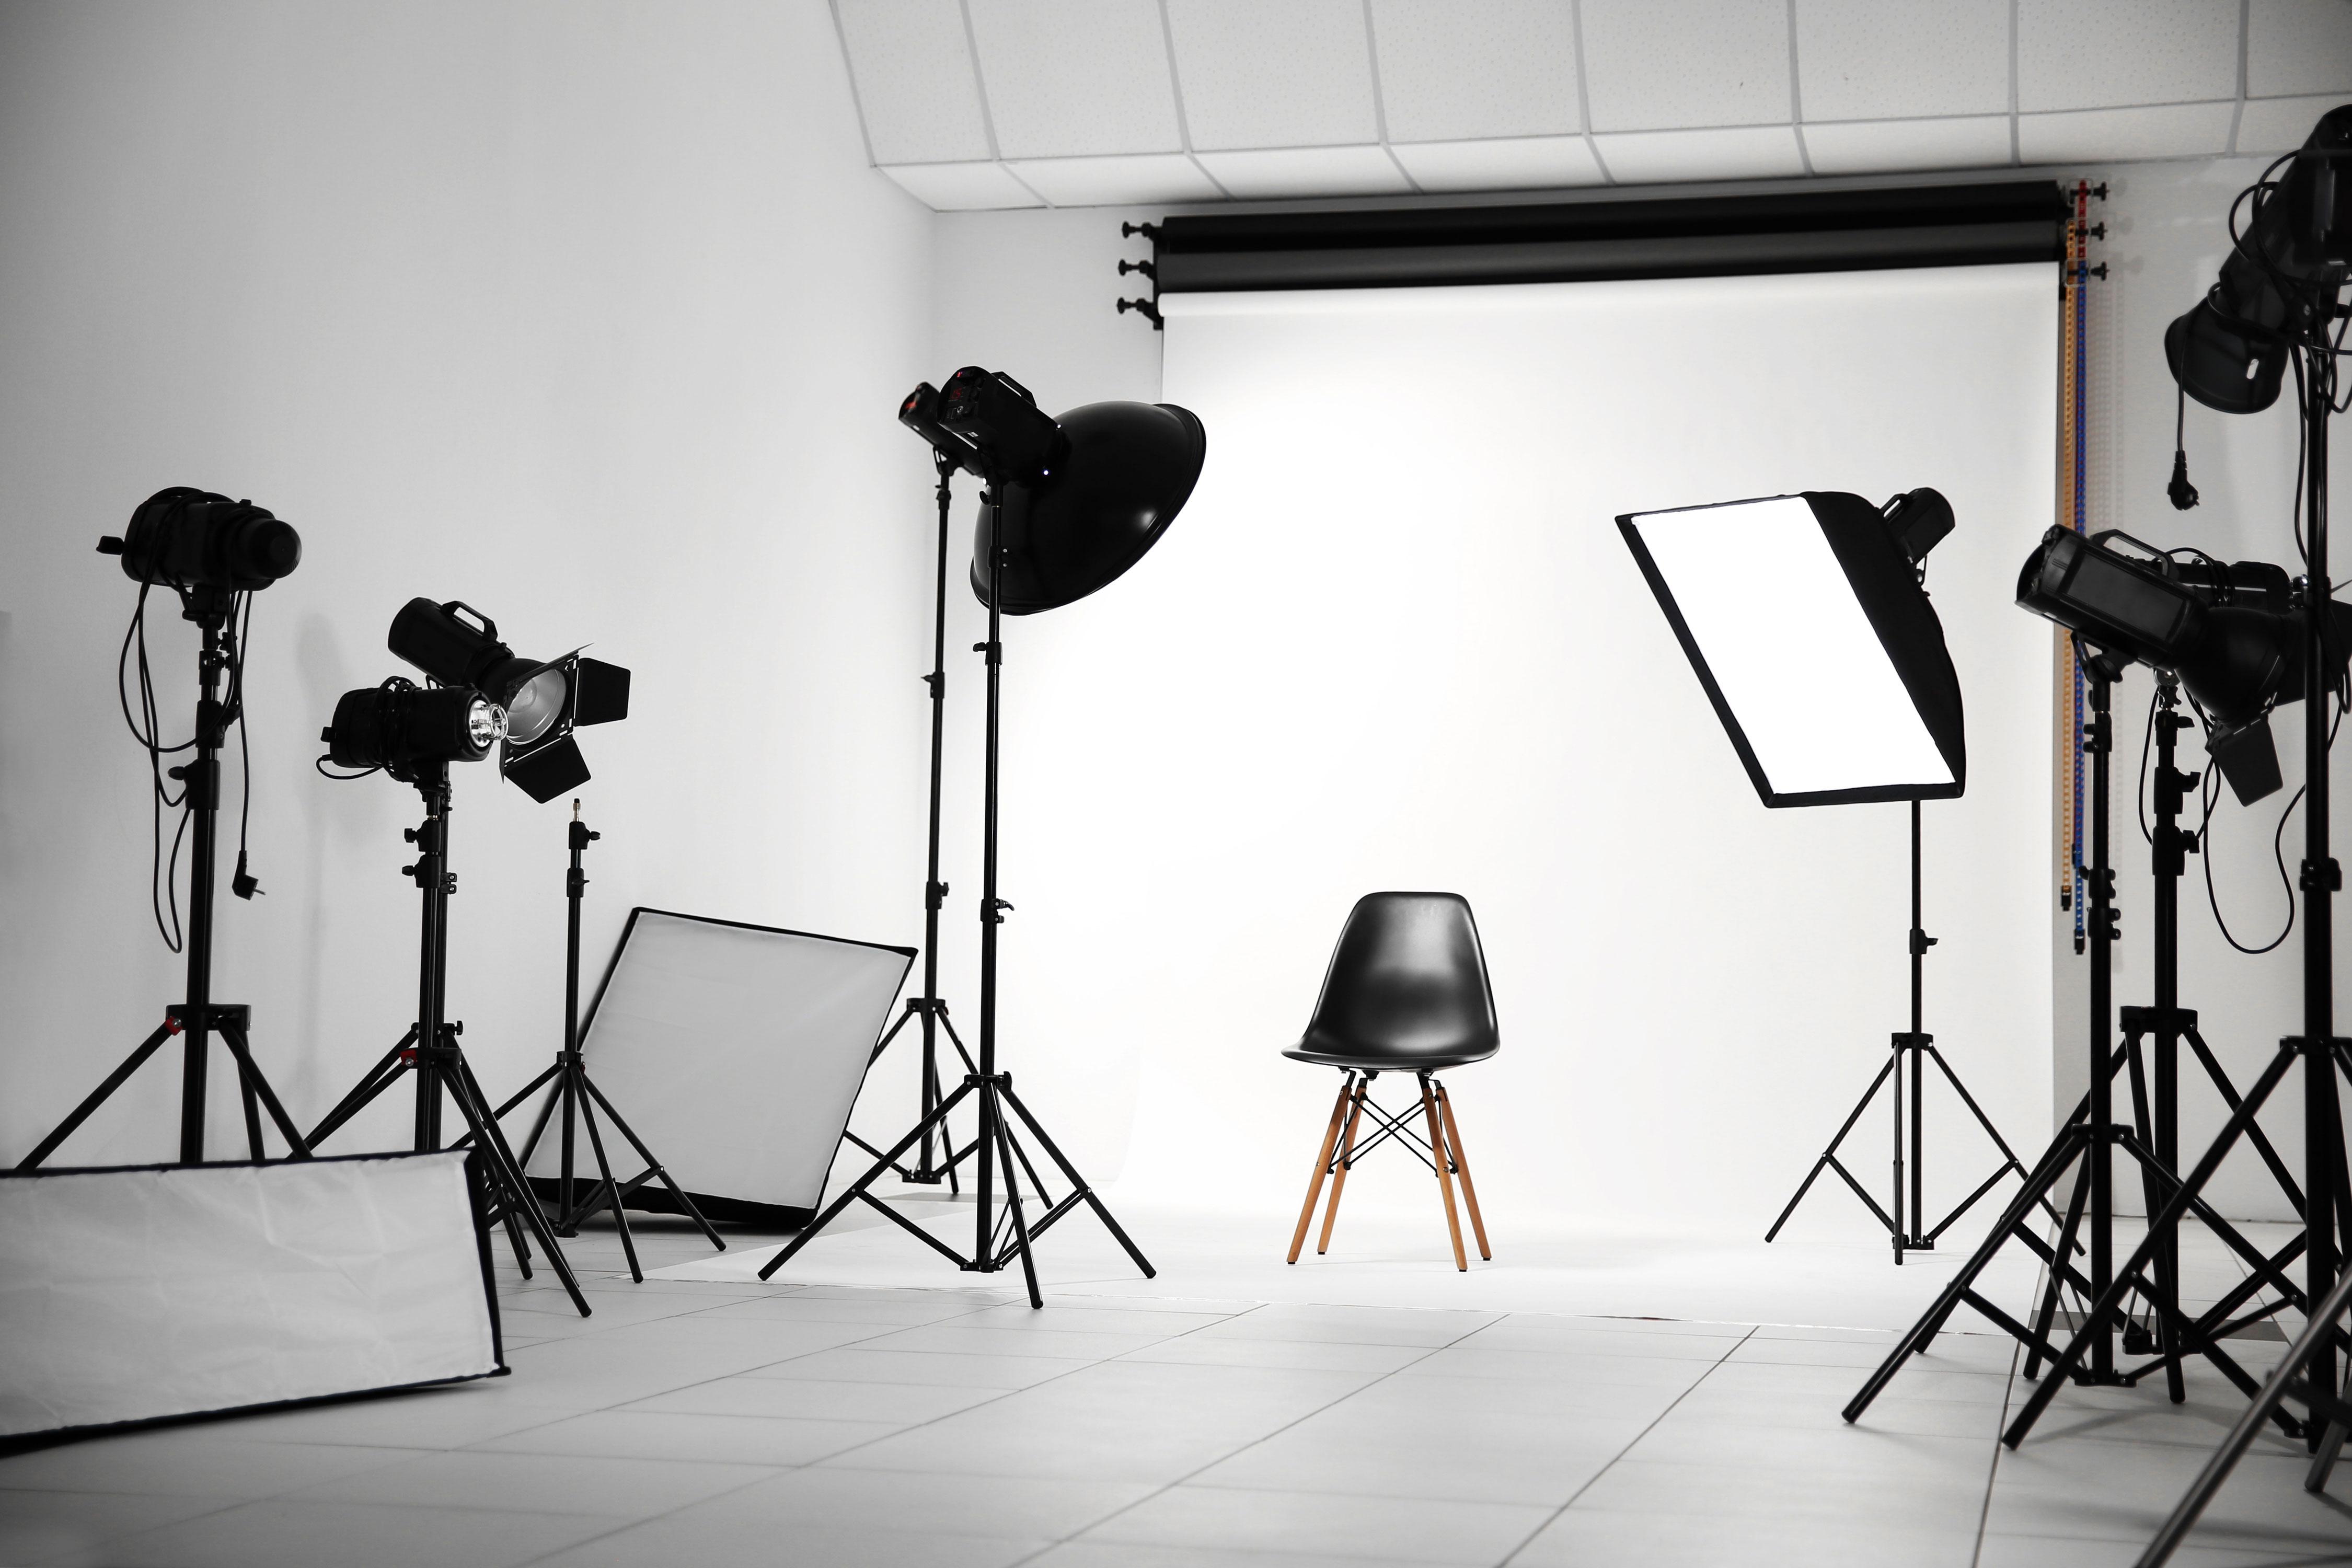 プロ仕様の写真スタジオ